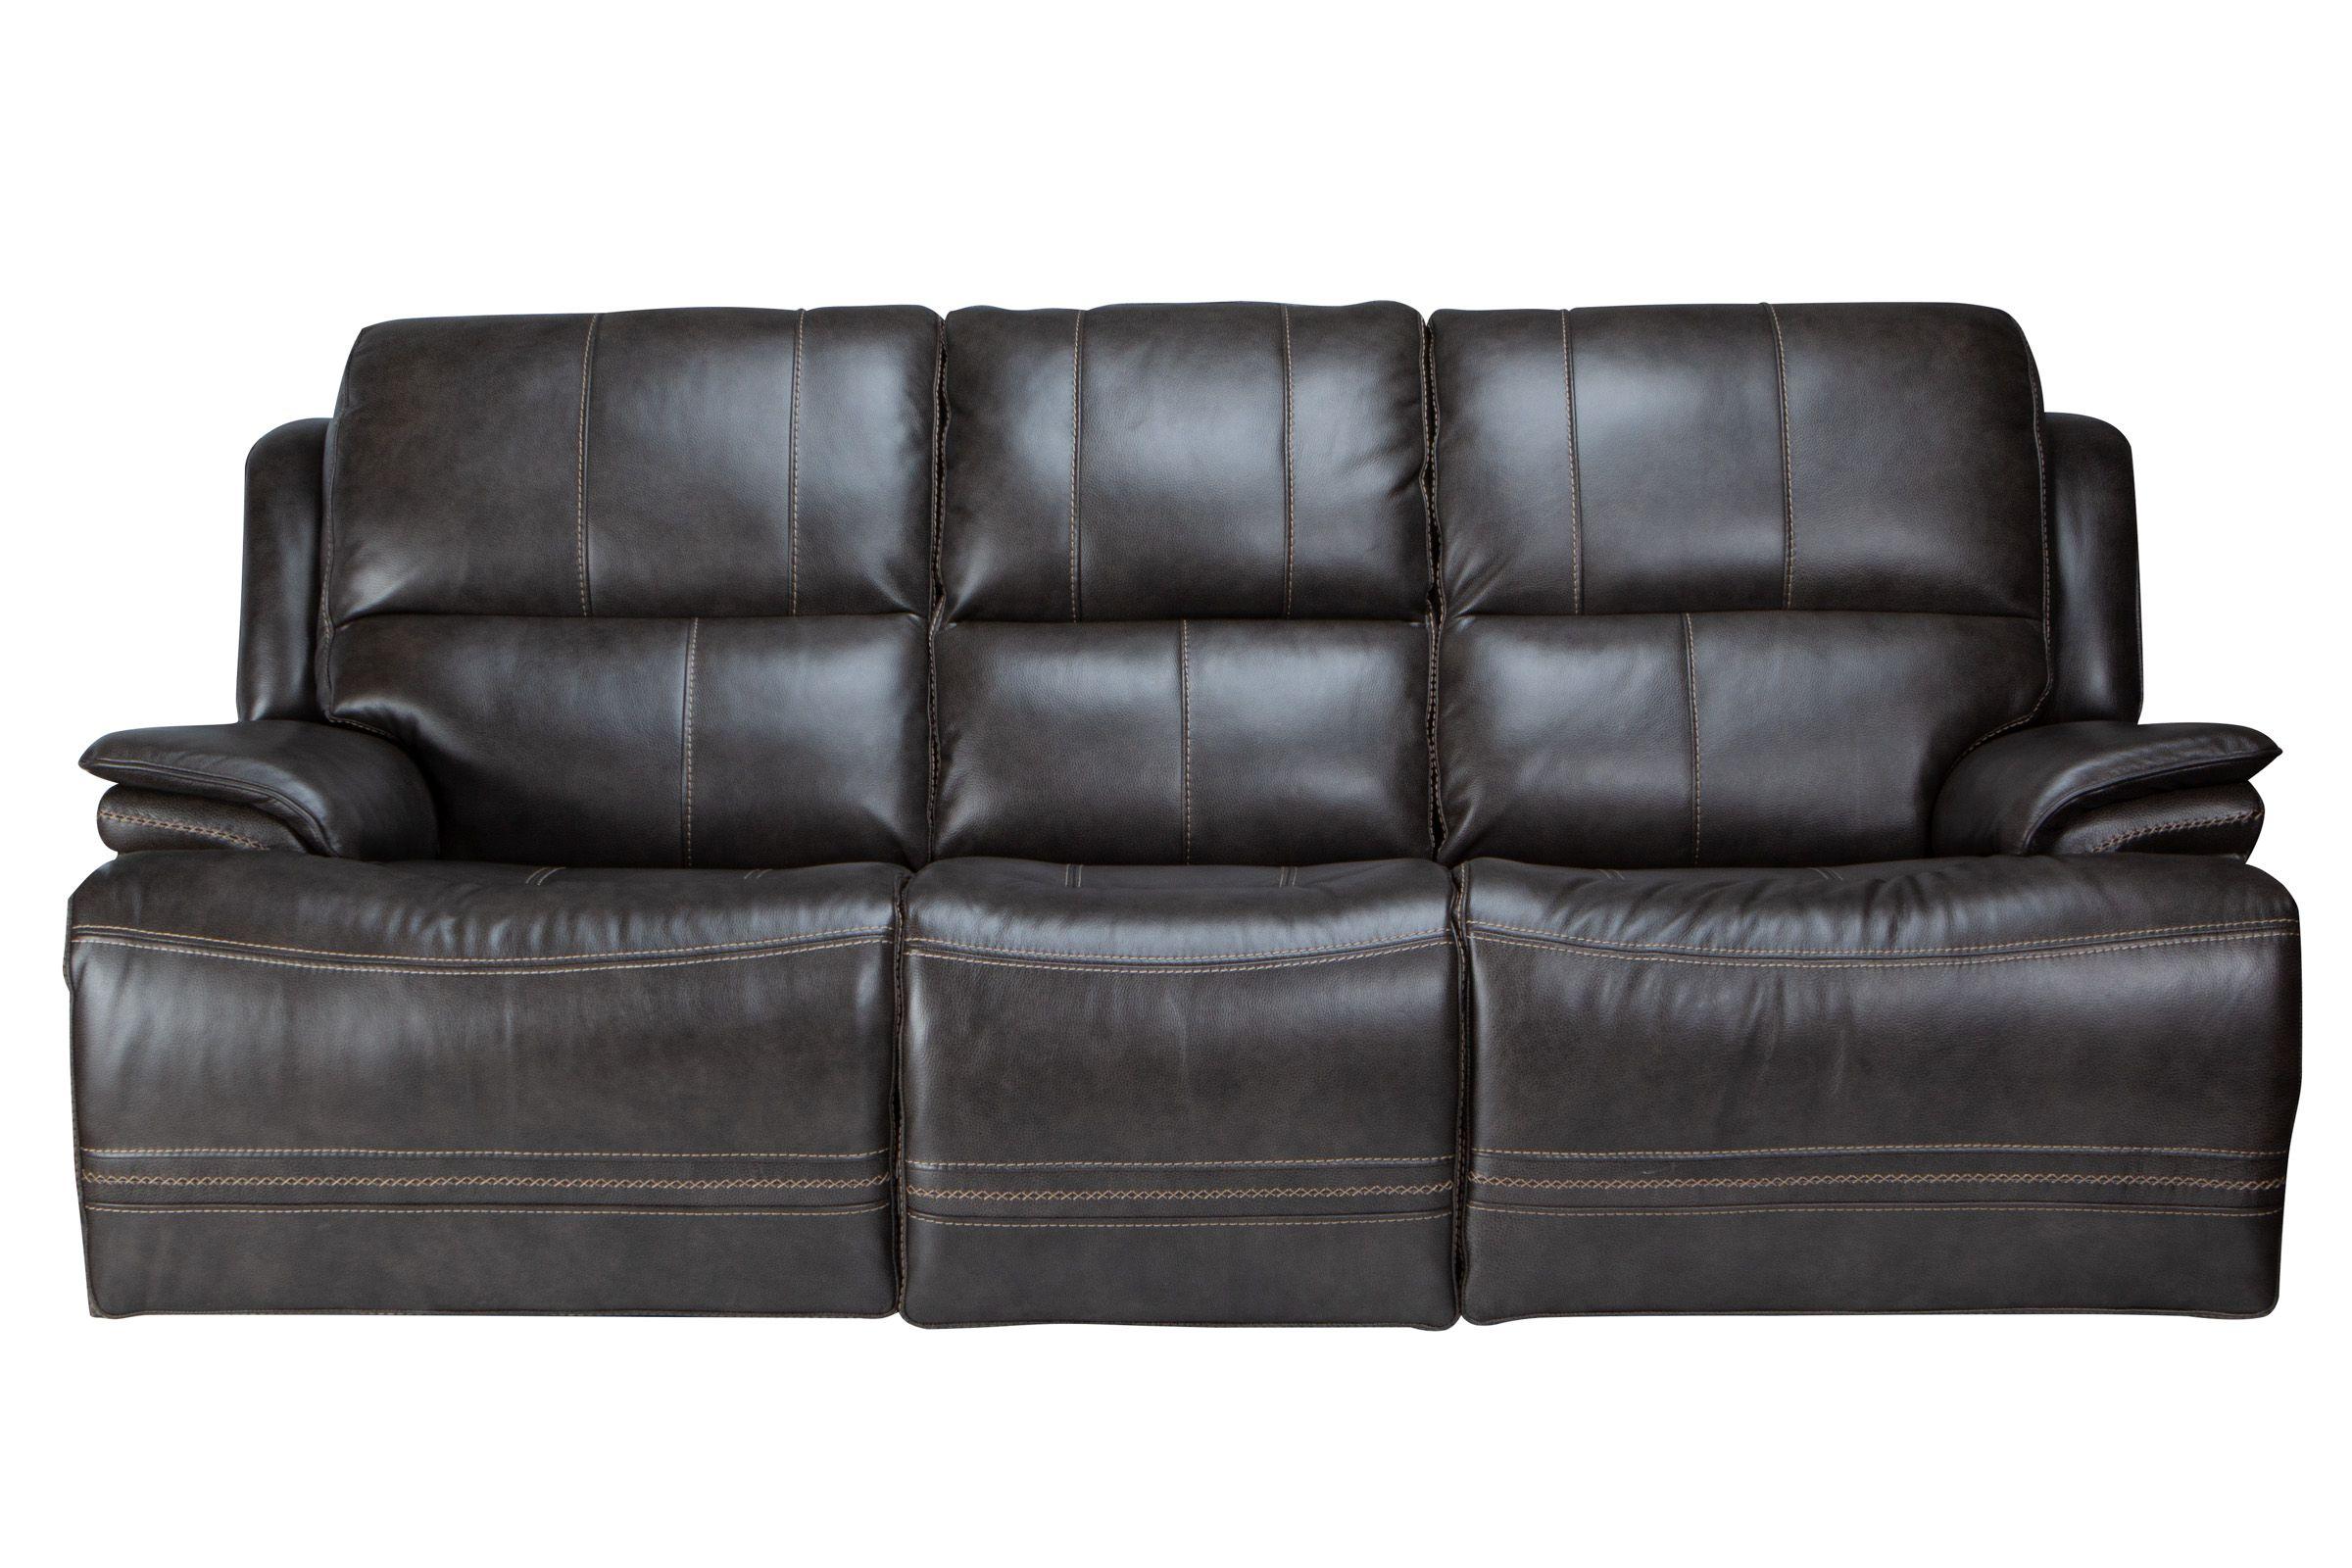 - Juno Leather Power Reclining Sofa At Gardner-White